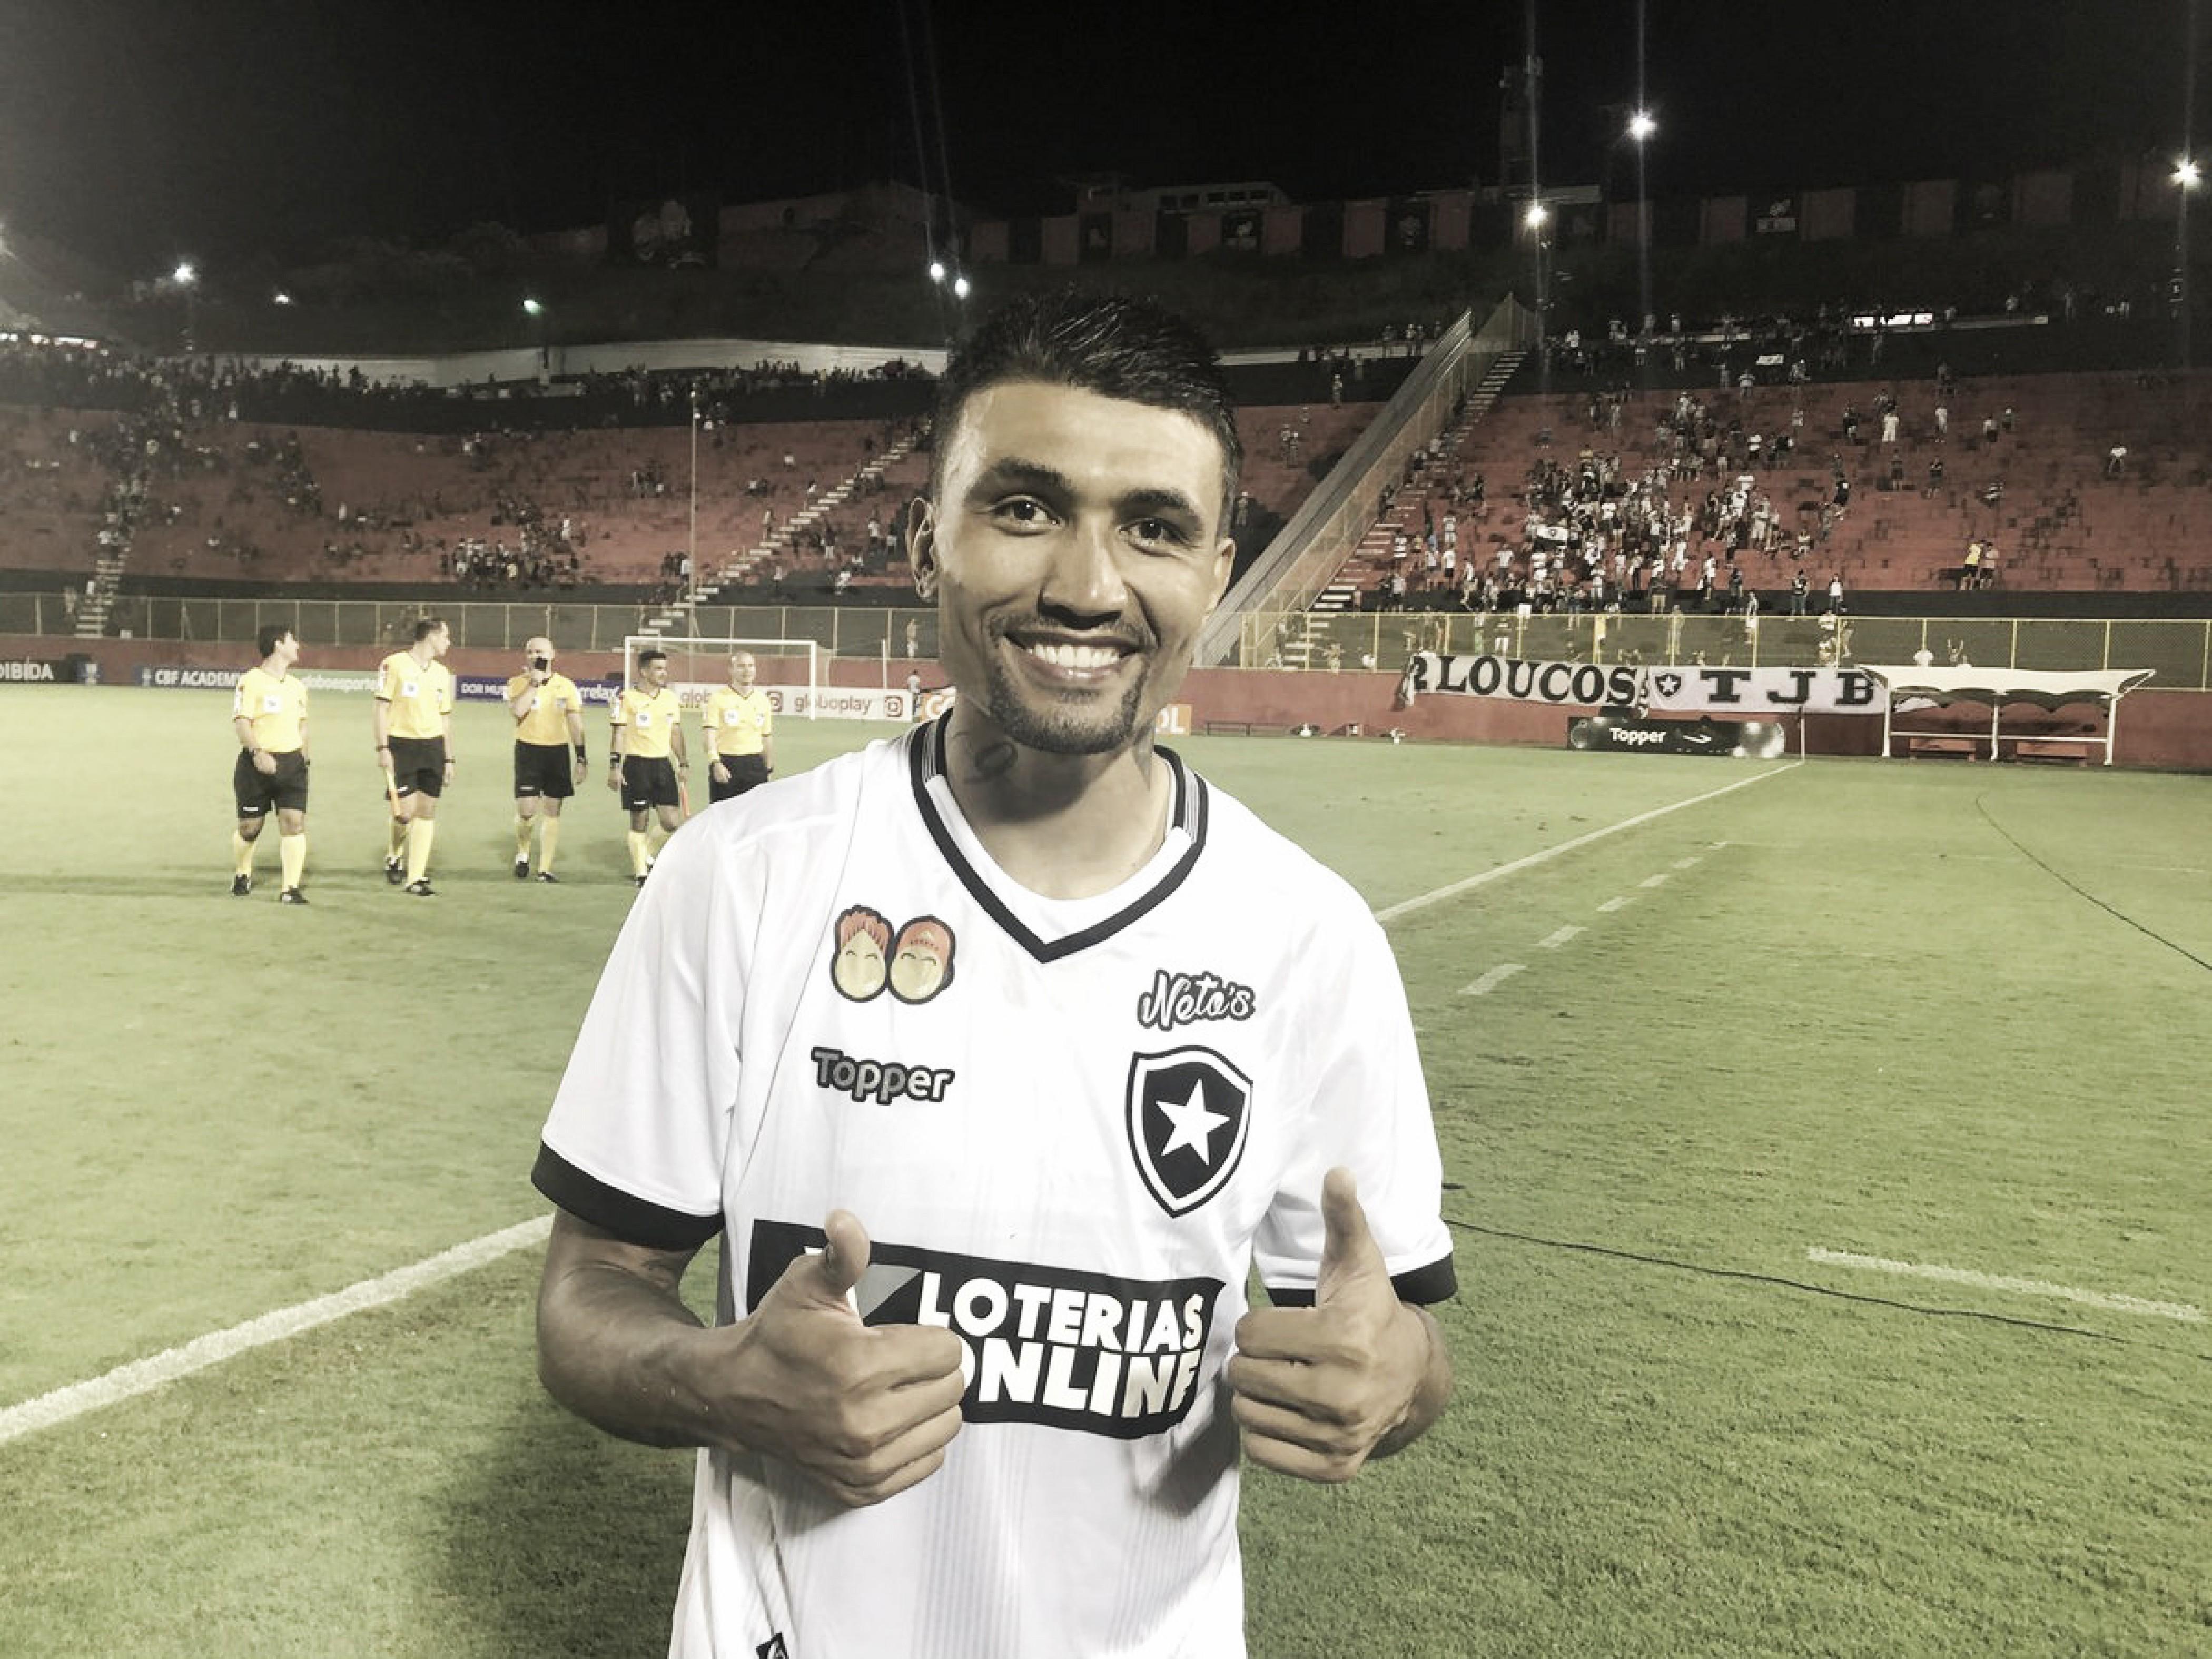 Kieza e Moisés comemoram segunda vitória seguida do Botafogo pelo Brasileirão